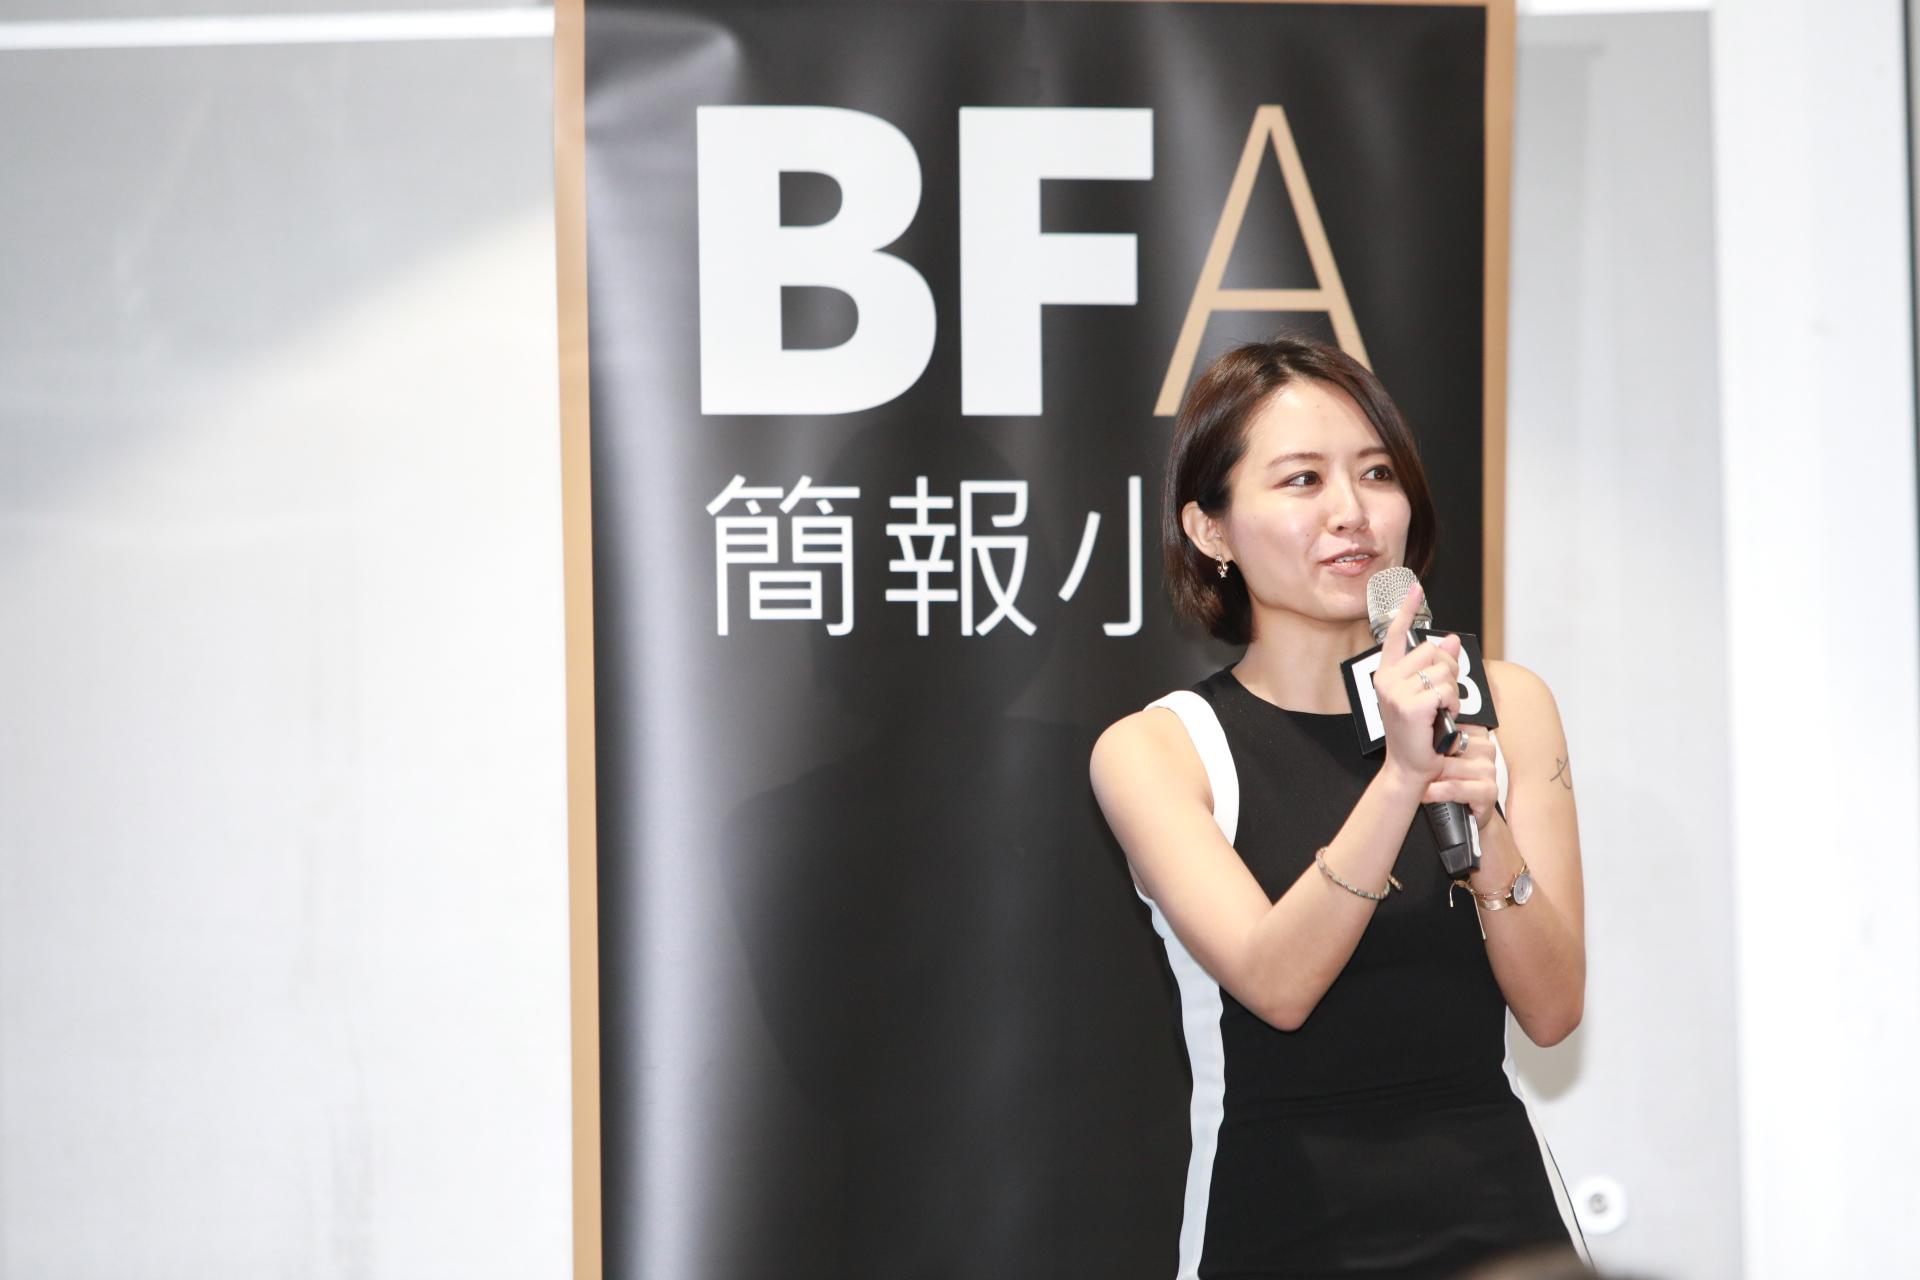 瑞星管顧人力管理顧問 江湖人稱 S 姐:2018 年,獵頭看到的職場新趨勢